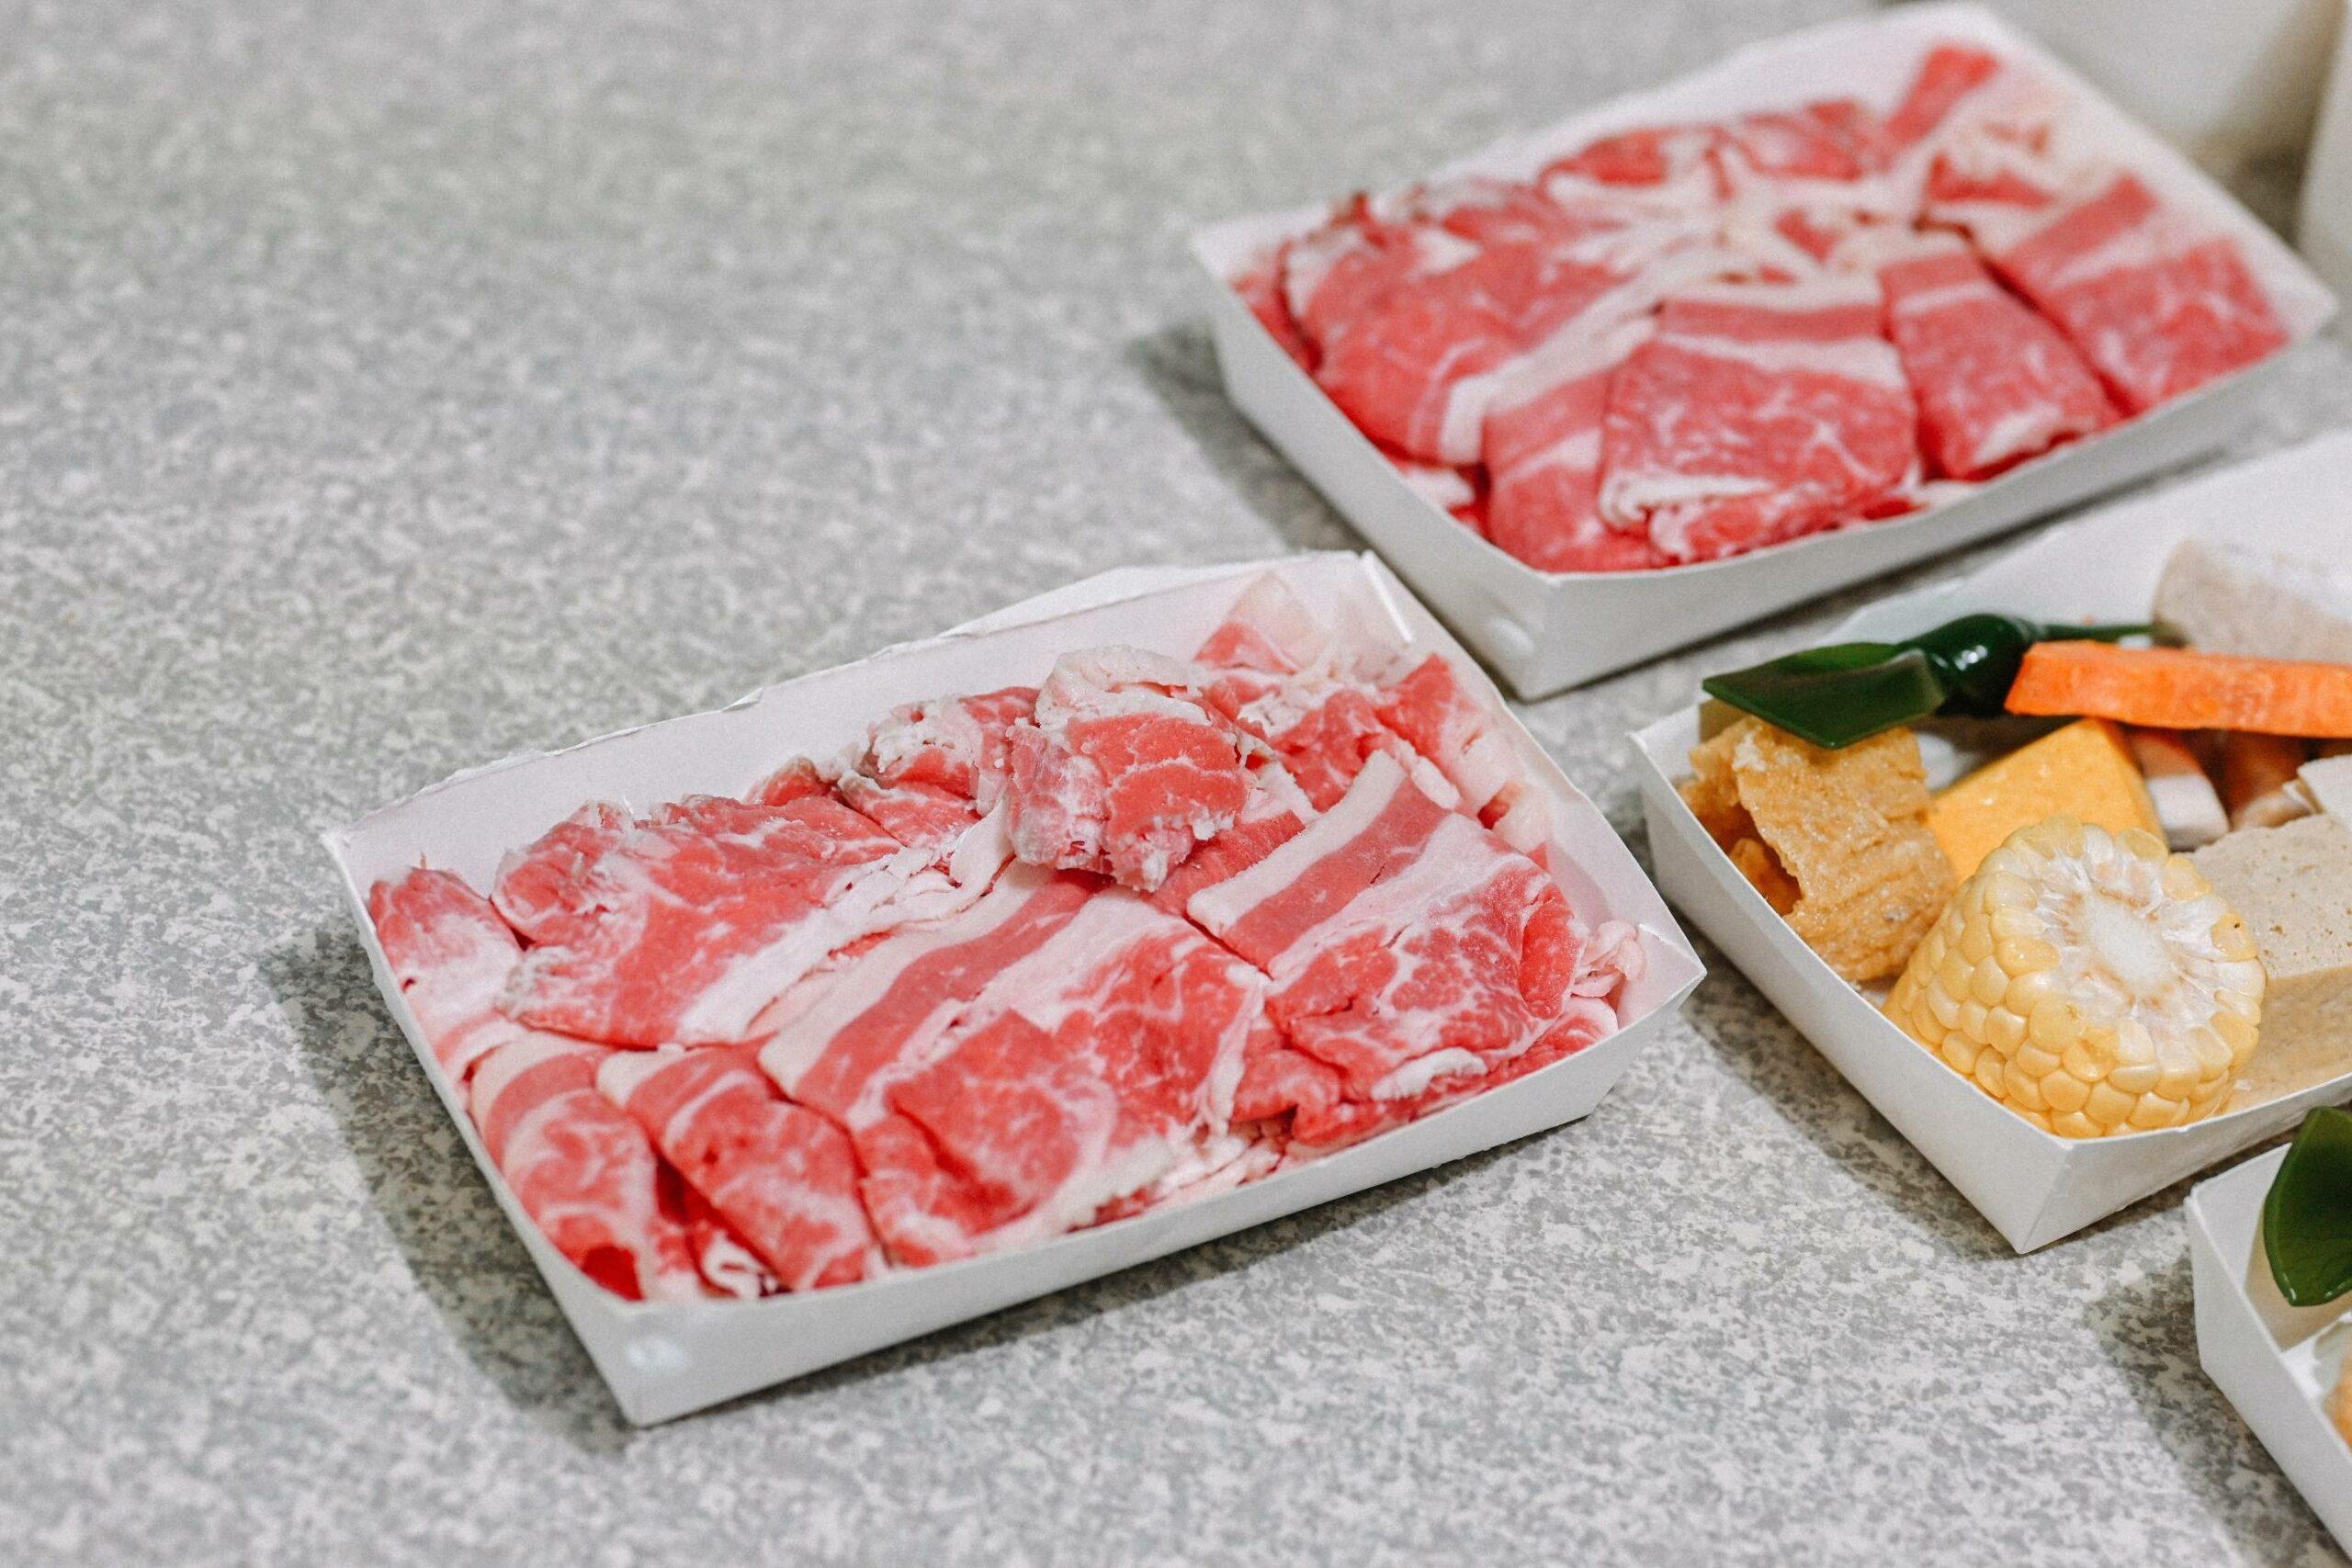 肉多多外帶:防疫經濟2.0套餐,2人套餐就可以帶1KG肉,6人餐可換2.7KG肉,就是爽 / 台北火鍋外帶 @女子的休假計劃